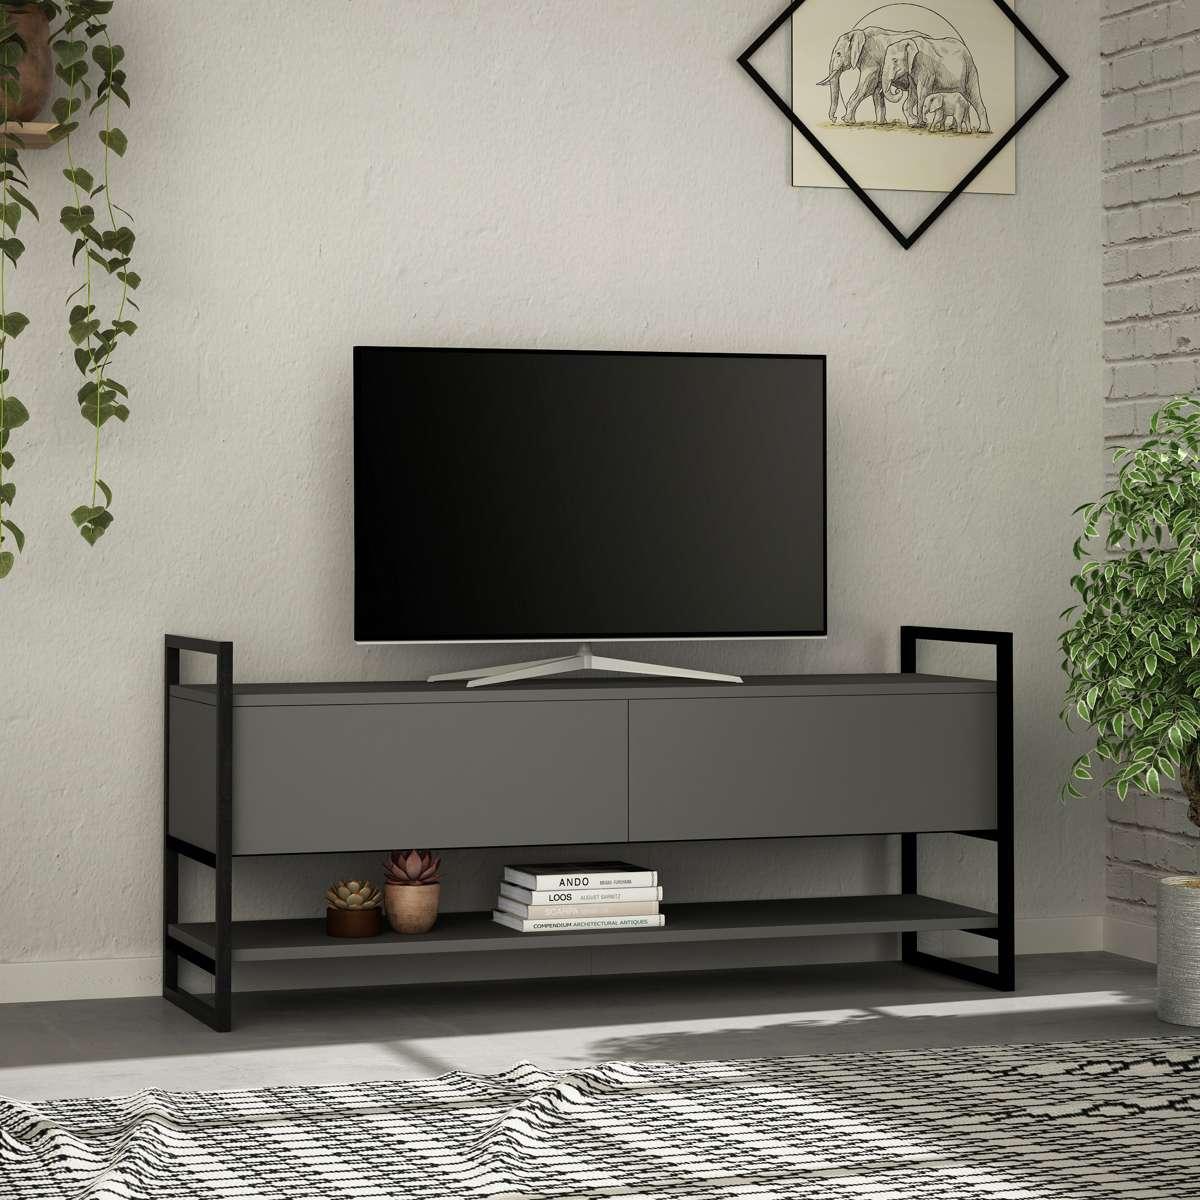 מזנון טלוויזיה Metola TV אפור 131ס